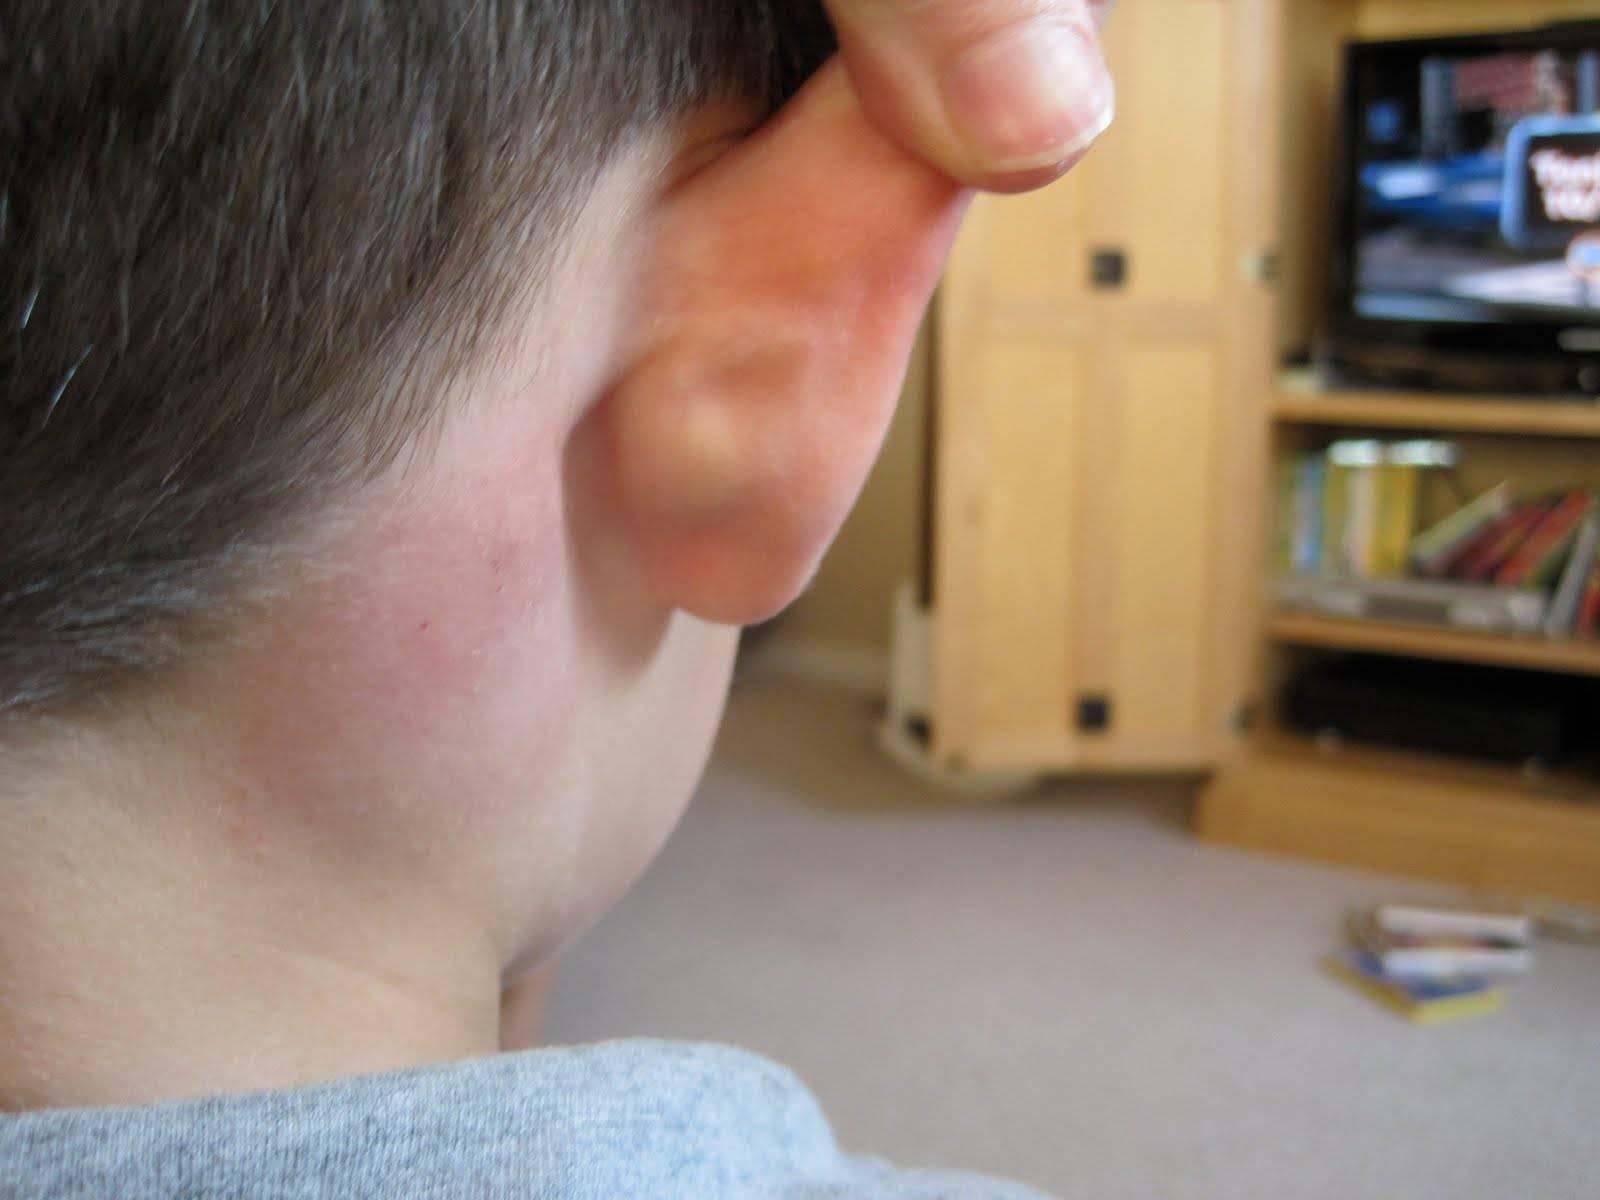 Воспалился лимфоузел за ухом у ребенка: причины, симптомы и лечение